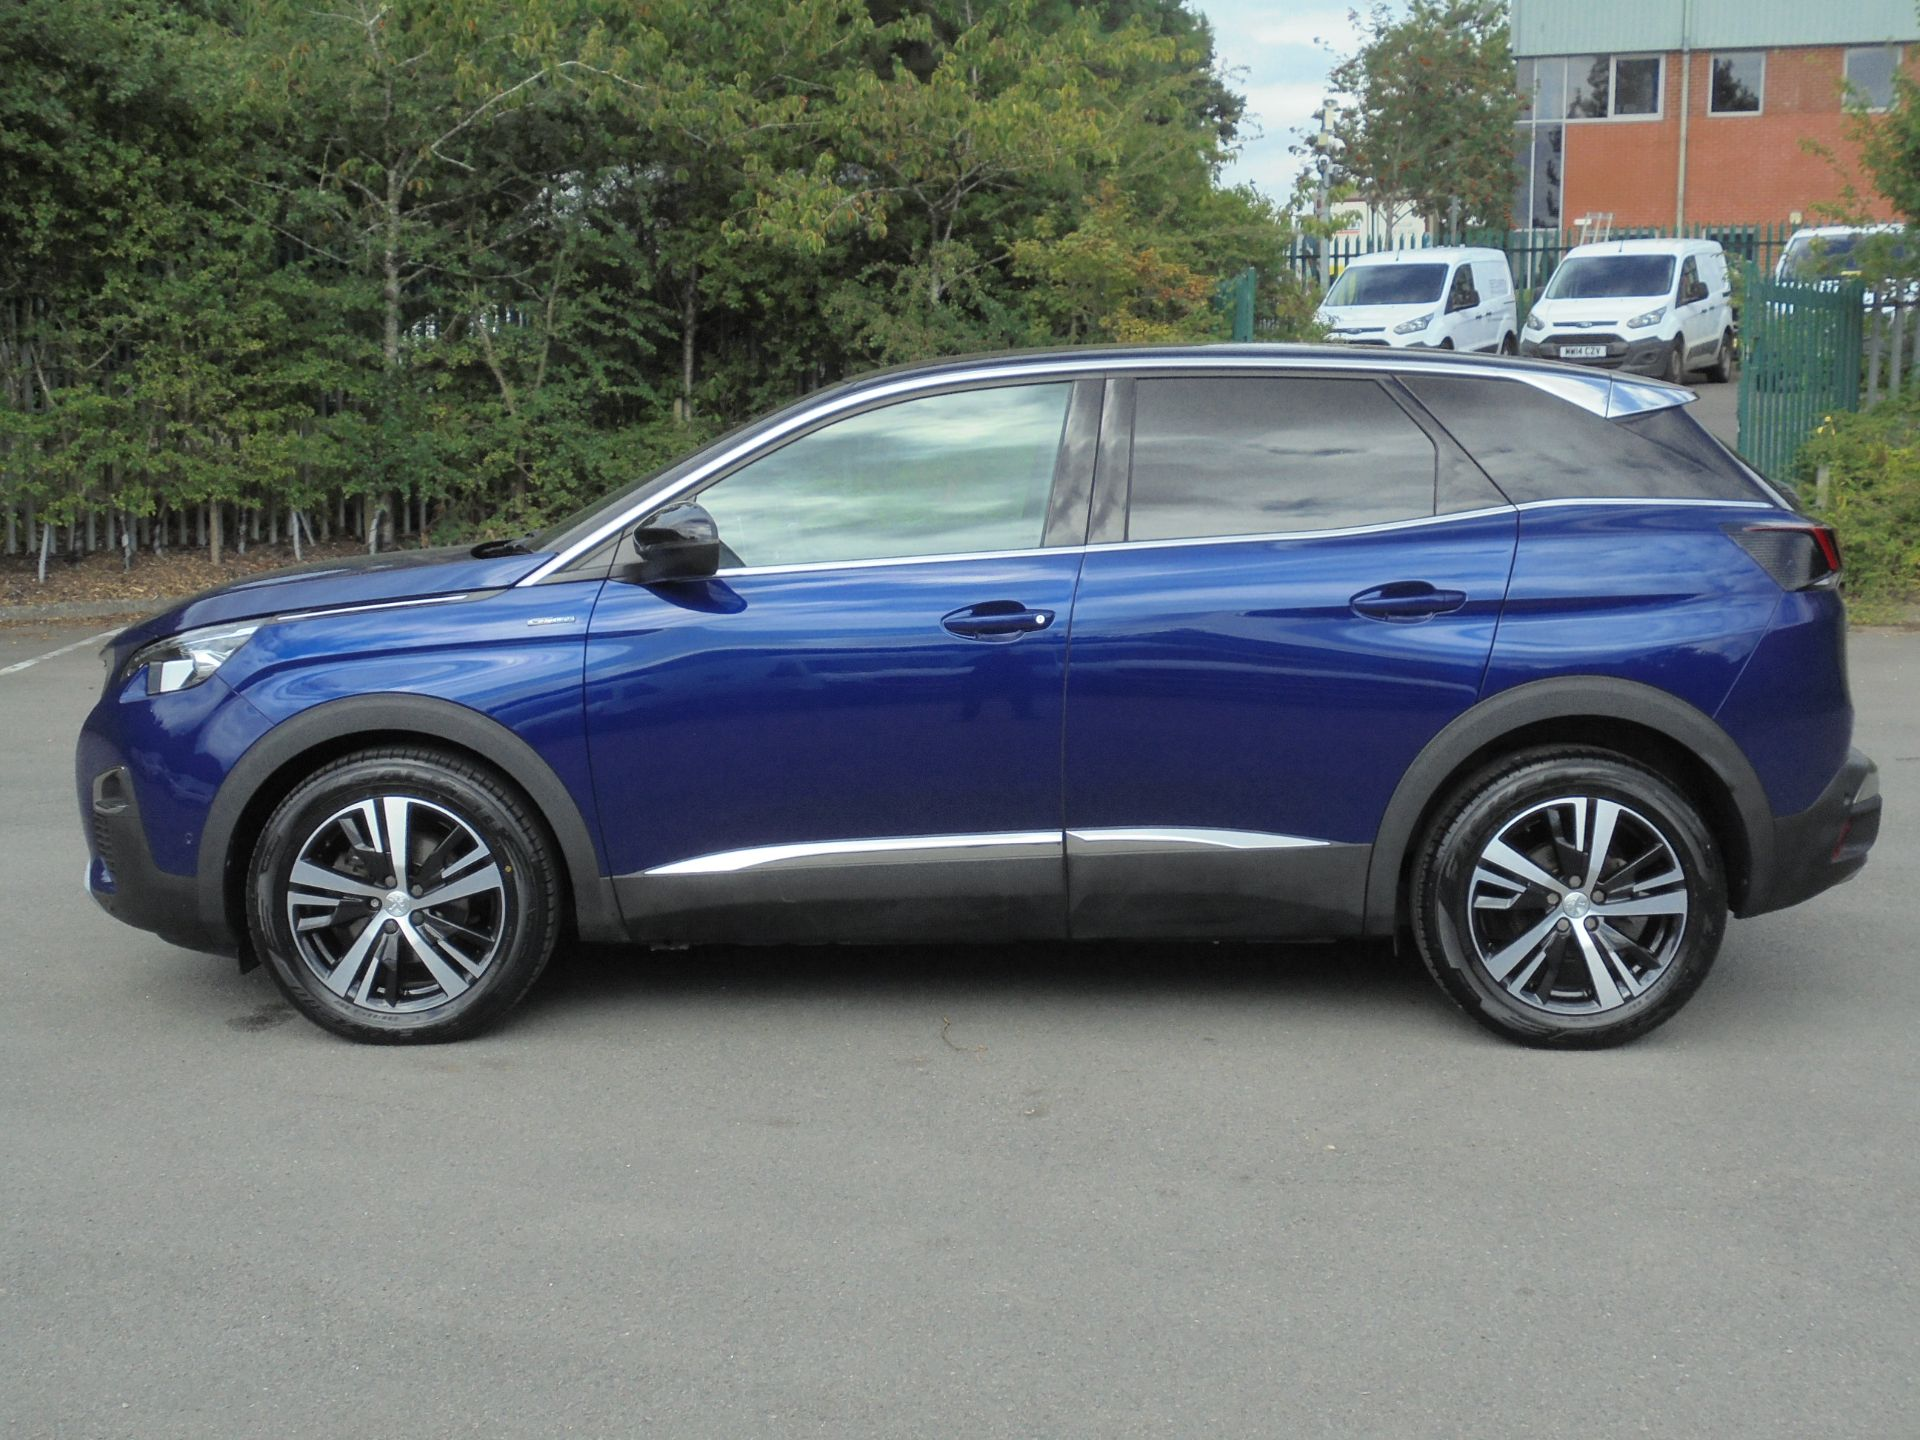 2018 Peugeot 3008 1.6 Bluehdi 120 Gt Line 5Dr (NU18WEX) Image 4